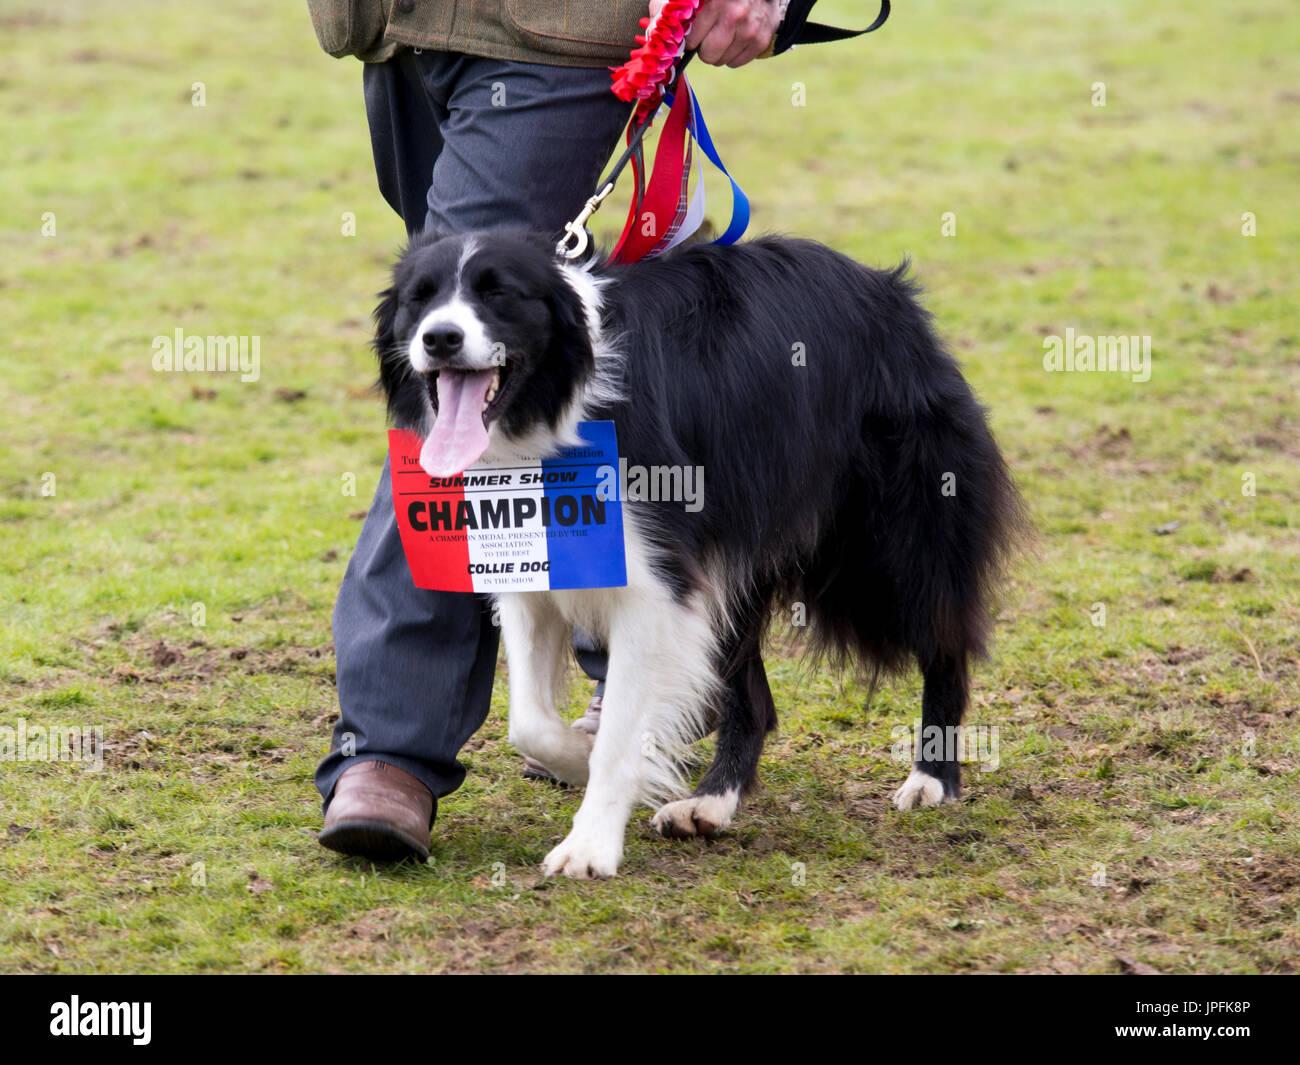 Rosettes Dog Show Stock Photos & Rosettes Dog Show Stock Images - Alamy